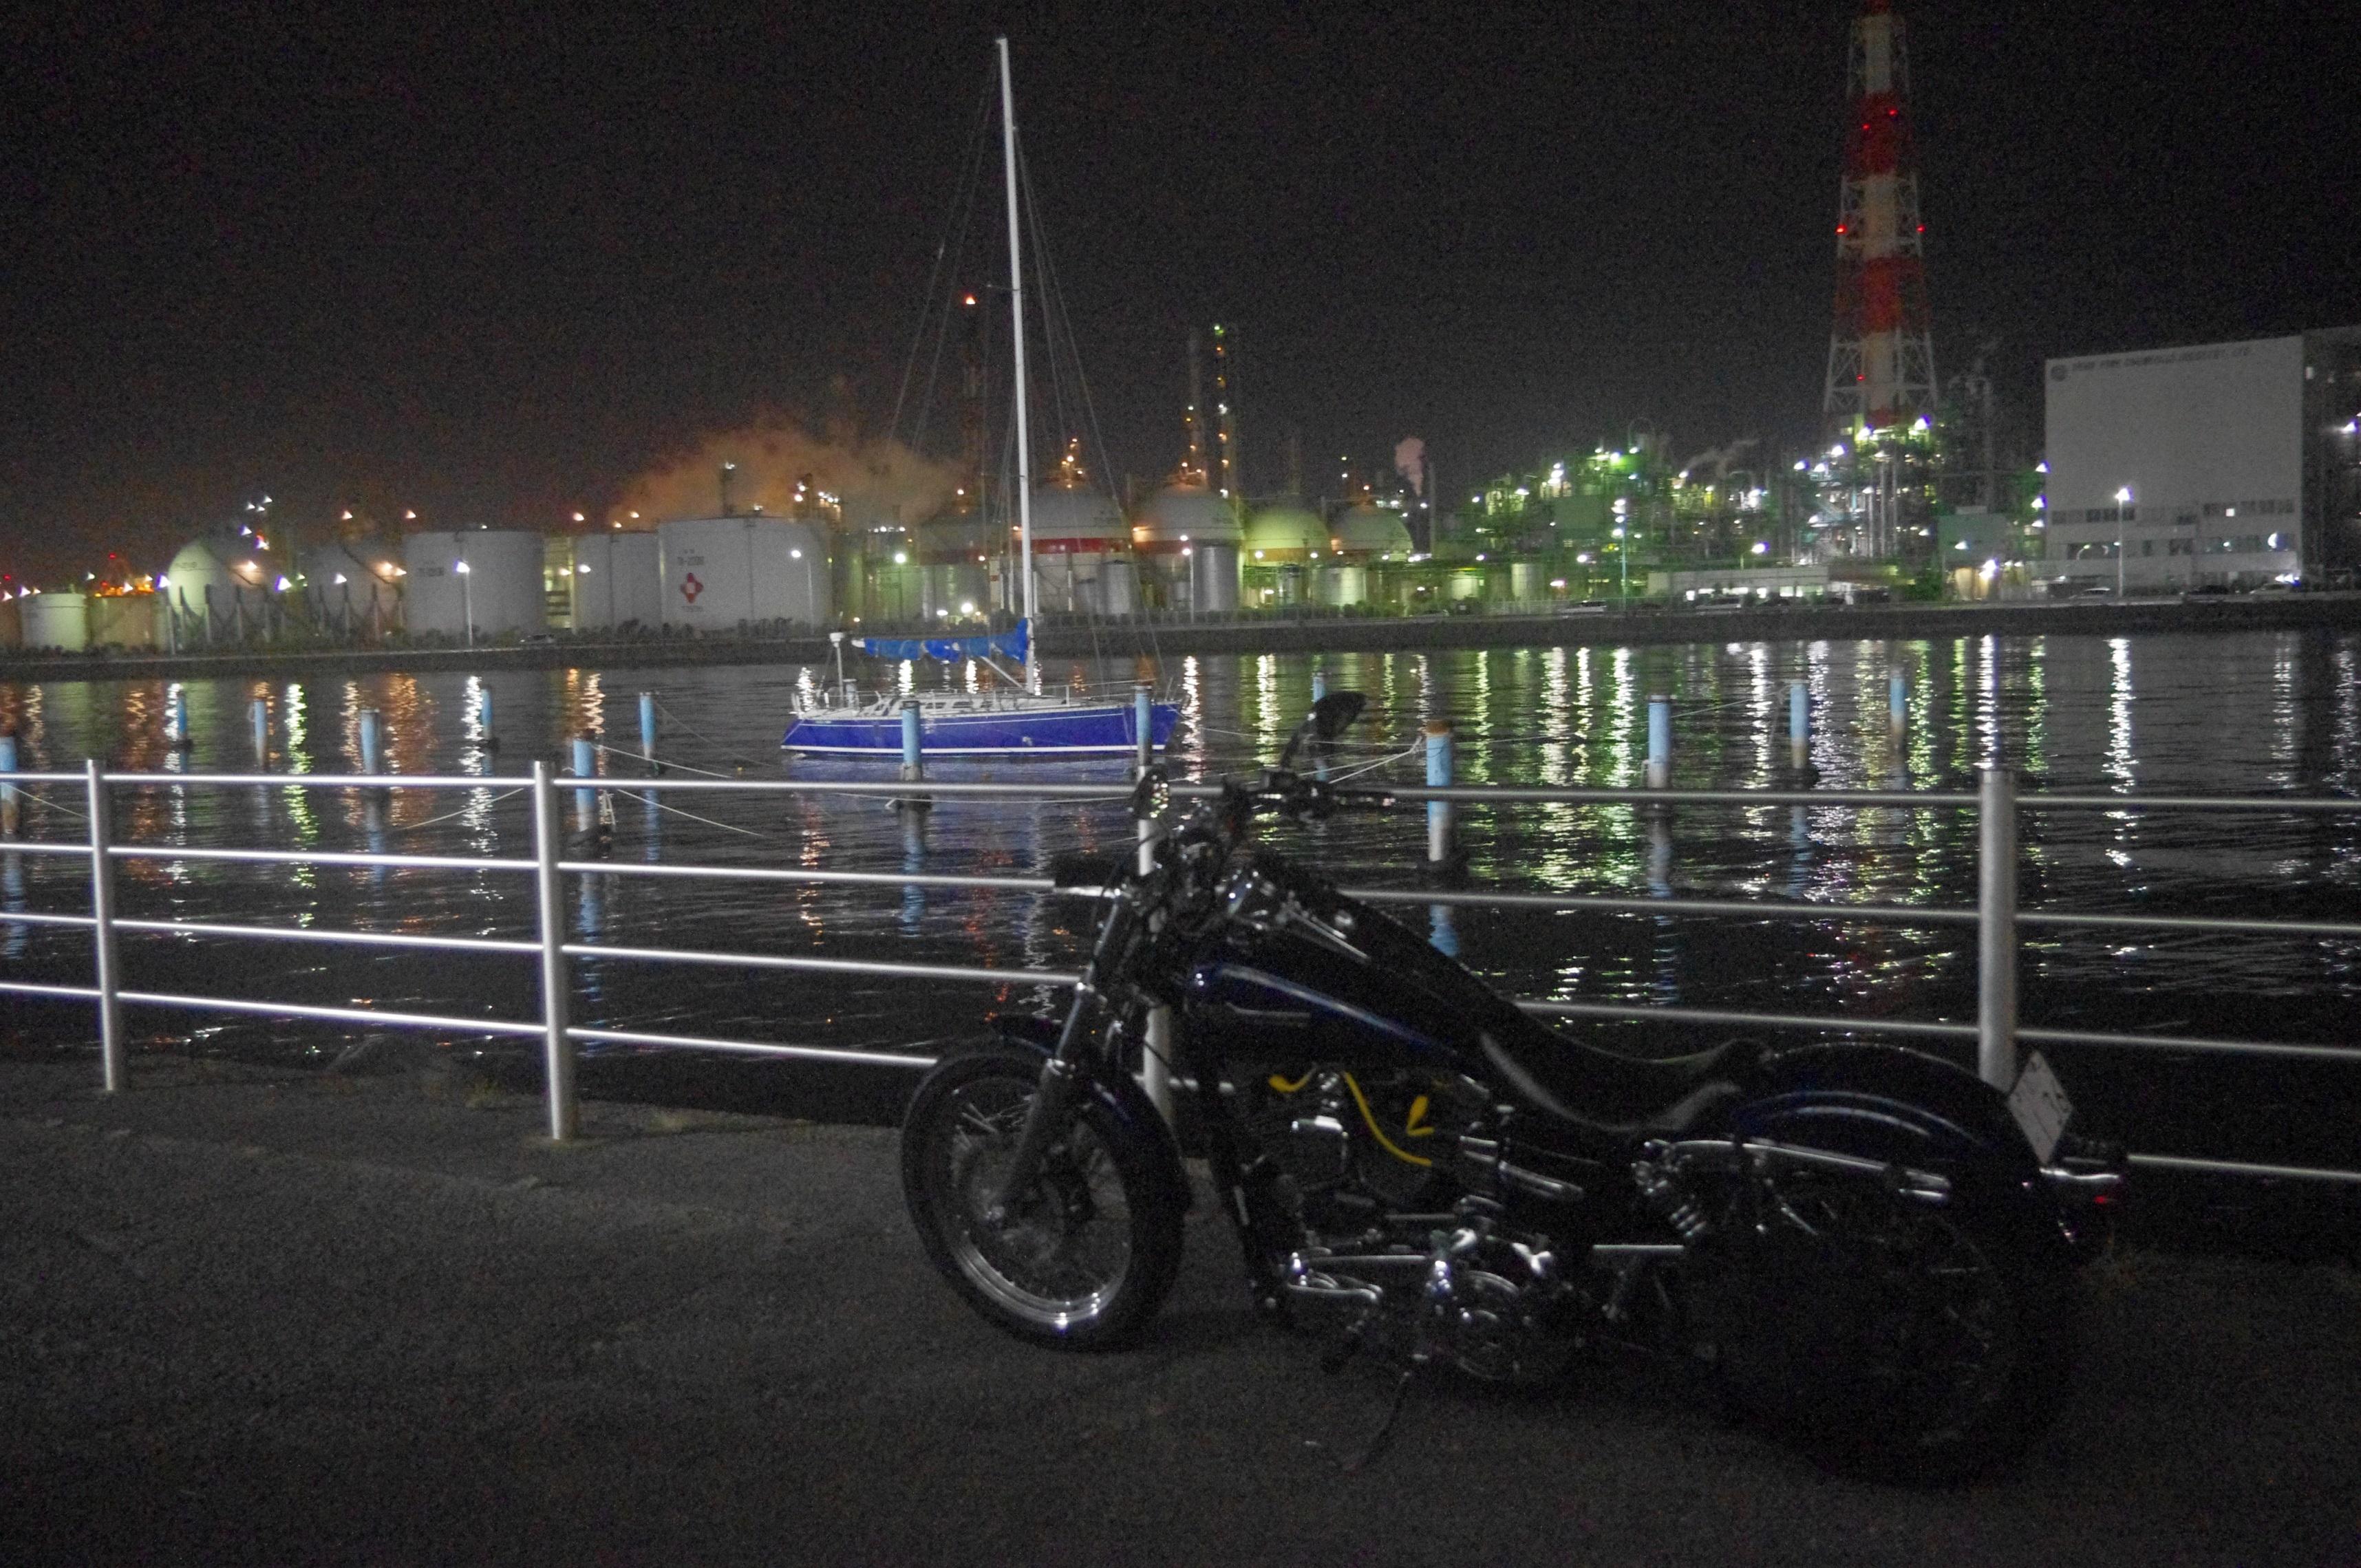 ぴーきち&ダイナ ハーレーで行く 伊勢志摩ツーリング 四日市コンビナート 工場夜景